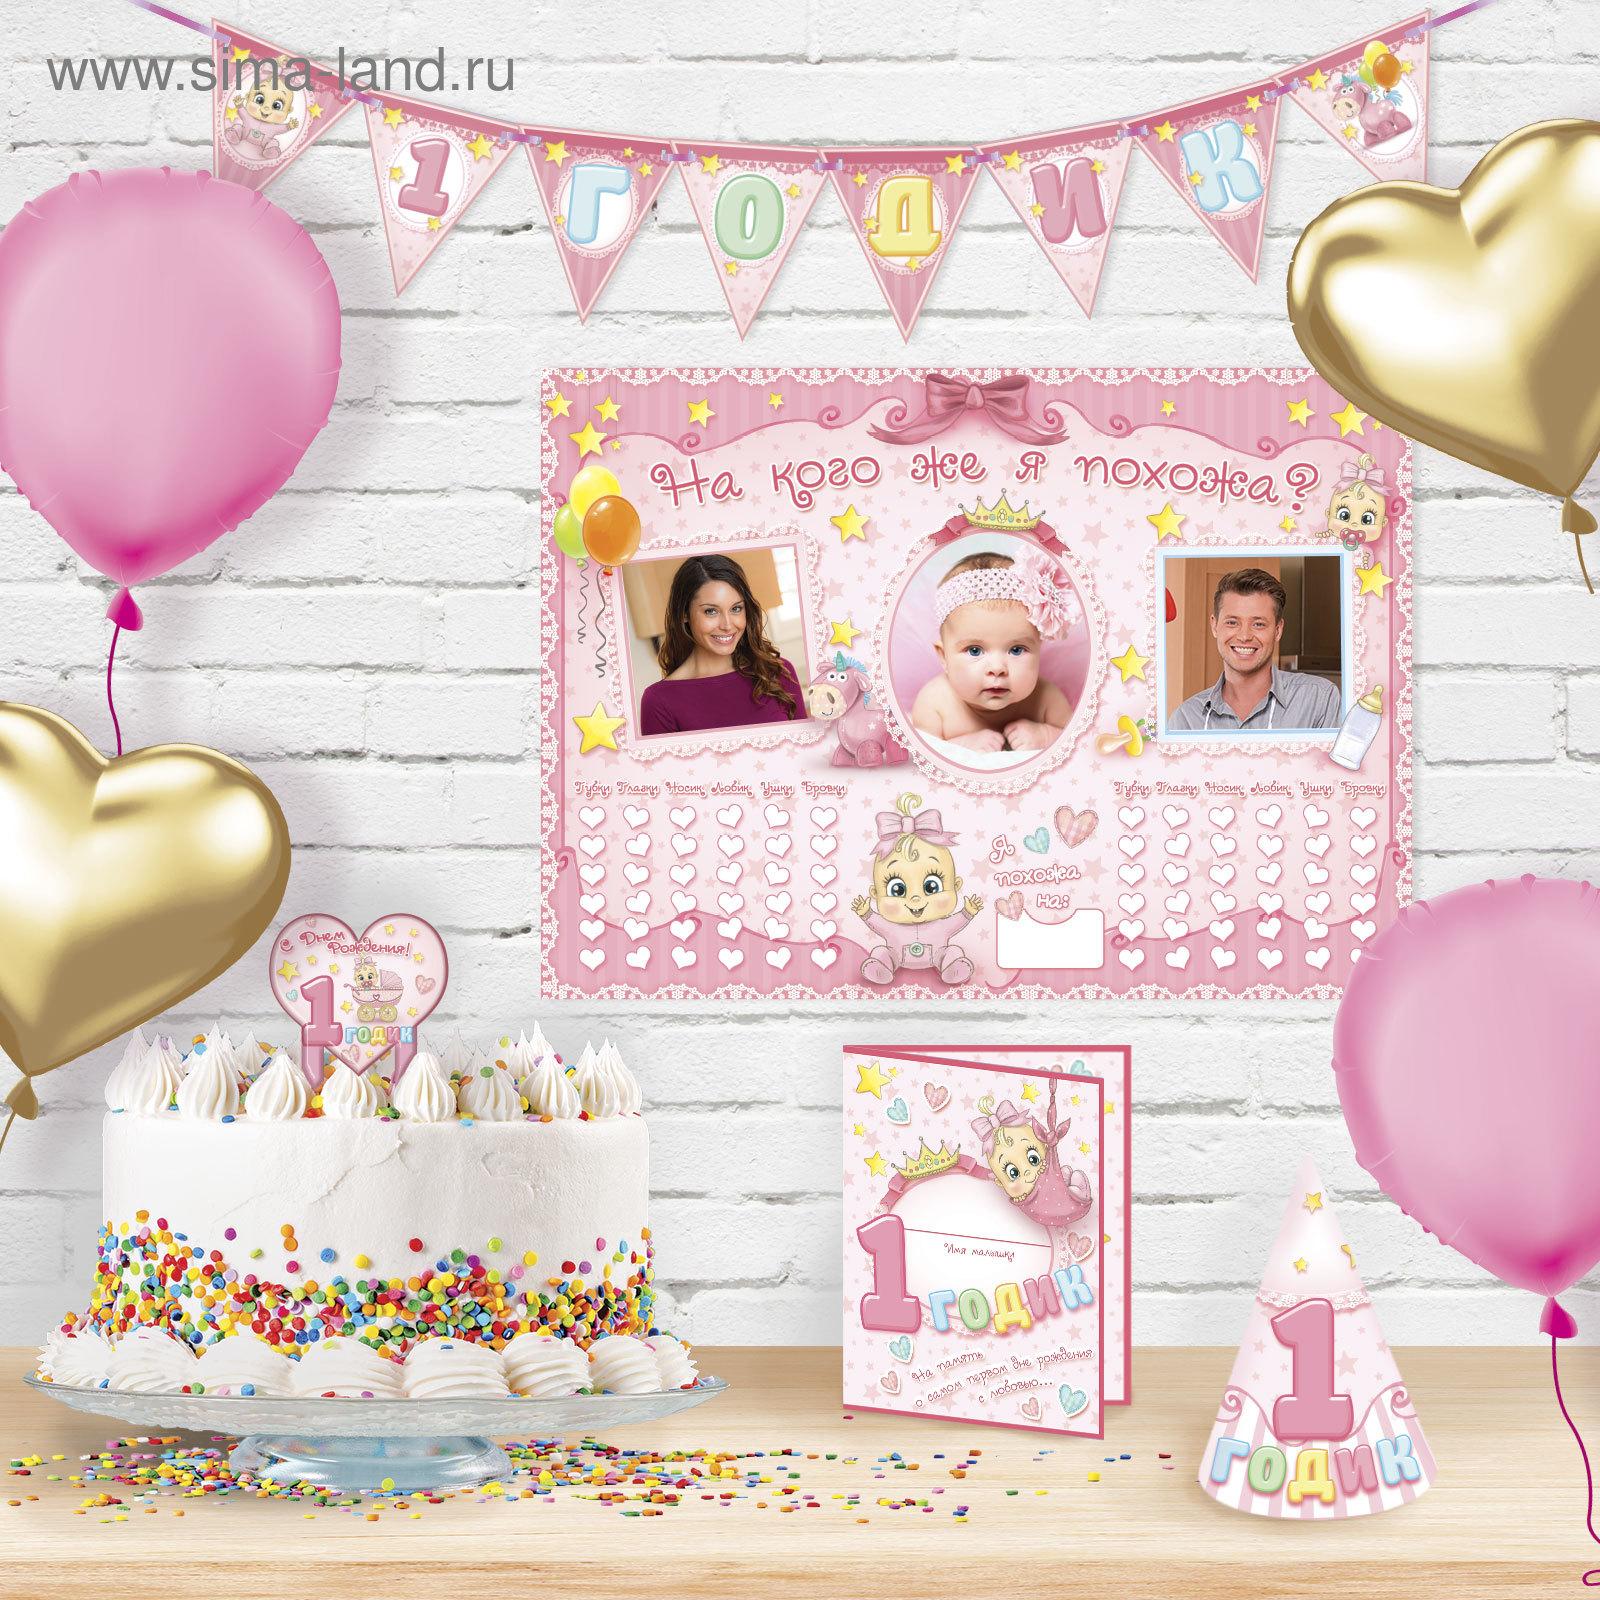 Открытка родителям с днем рождения дочери 1 годик